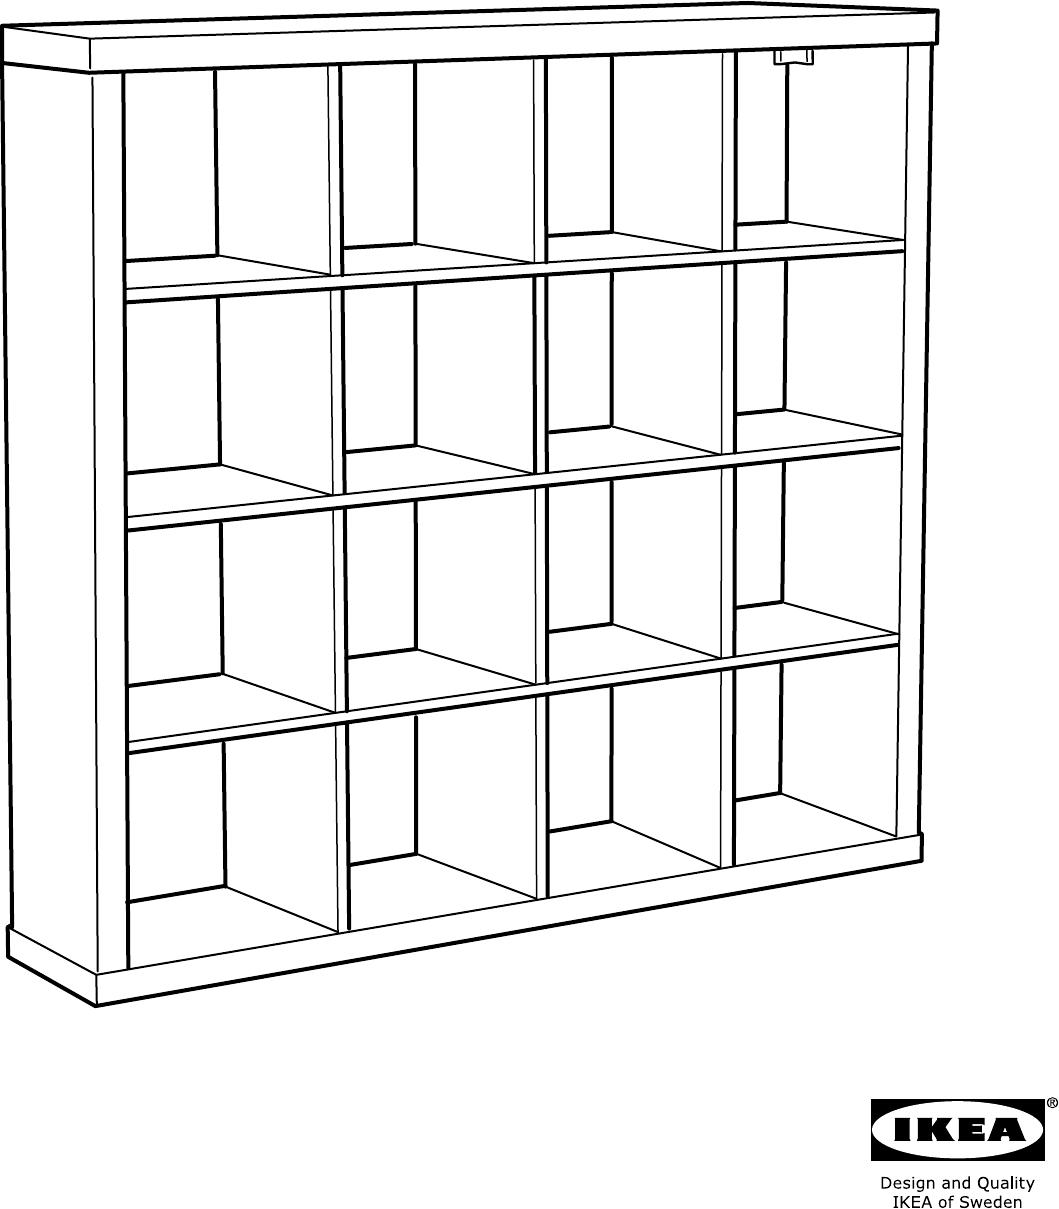 Handleiding Ikea Expedit Open Kast Pagina 1 Van 24 Alle